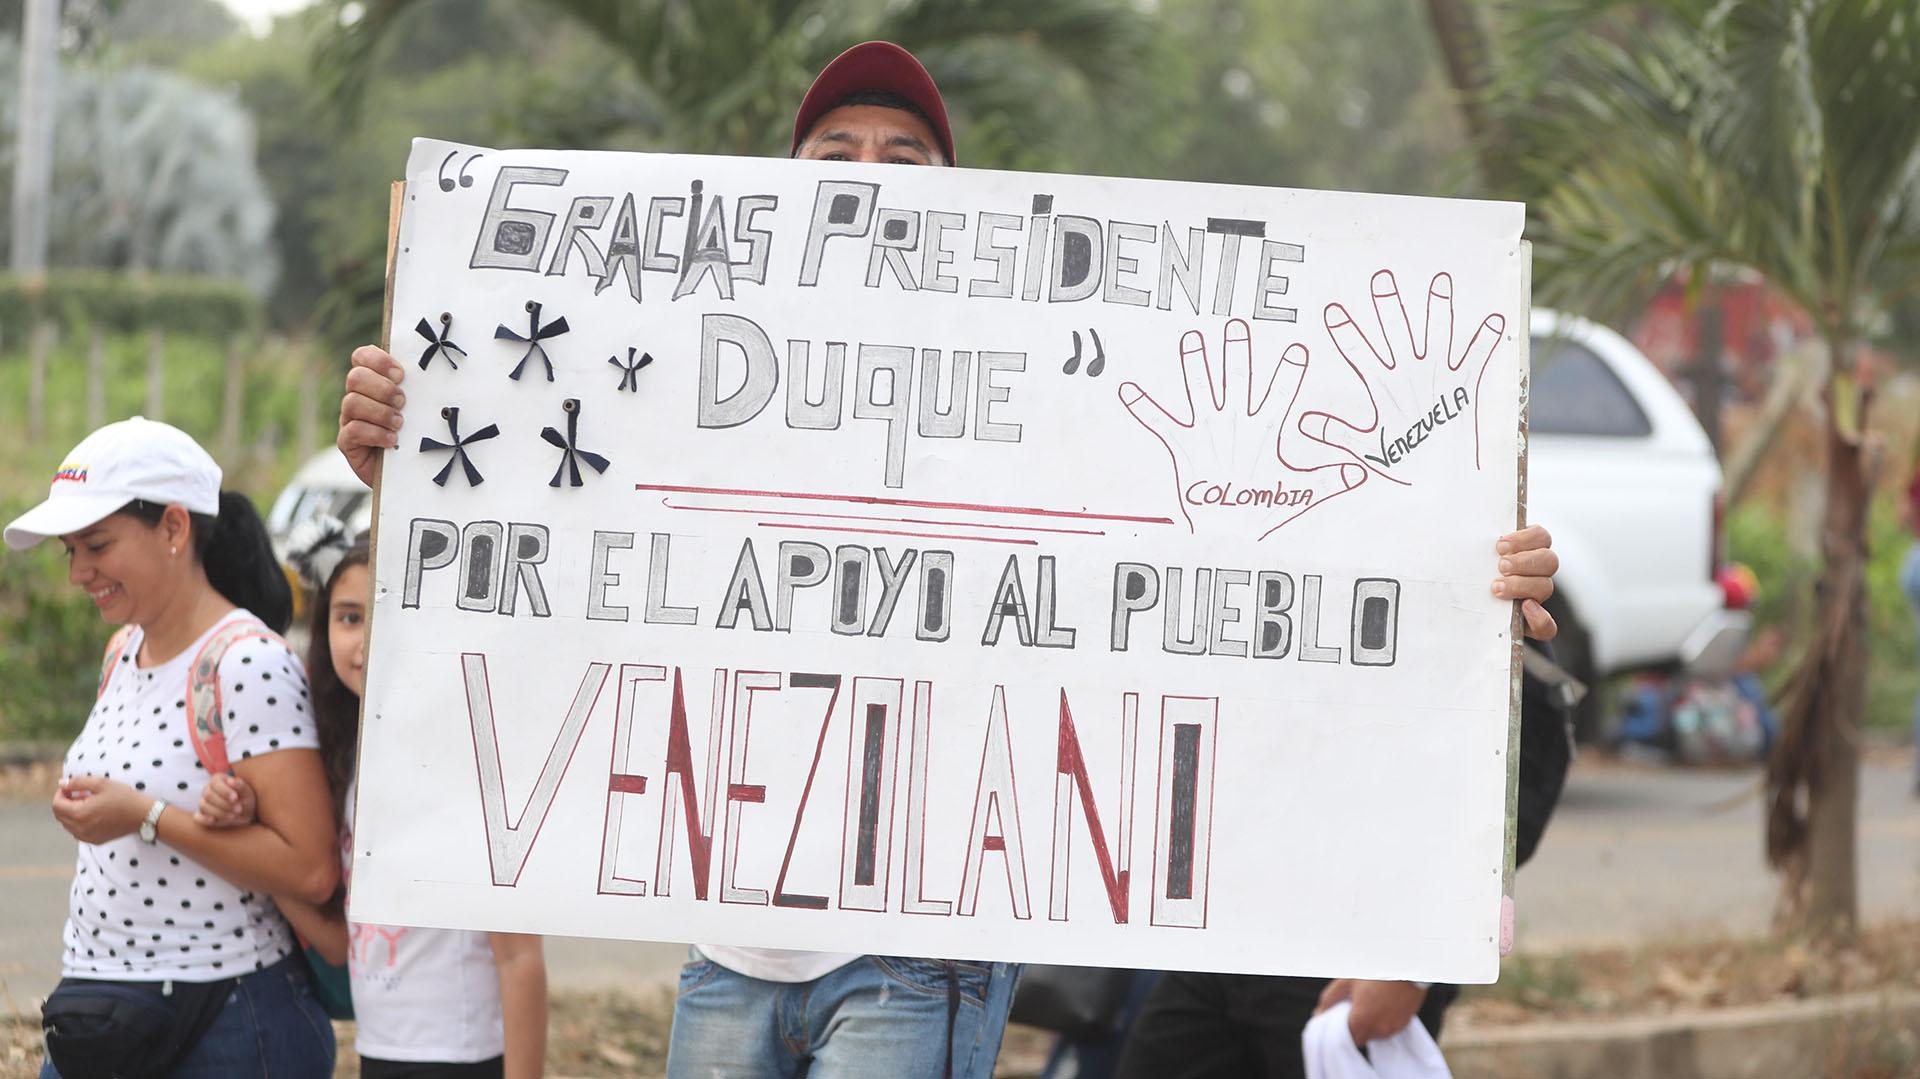 """""""Gracias Presidente Duque por el apoyo al pueblo venezolano"""" (EFE)"""